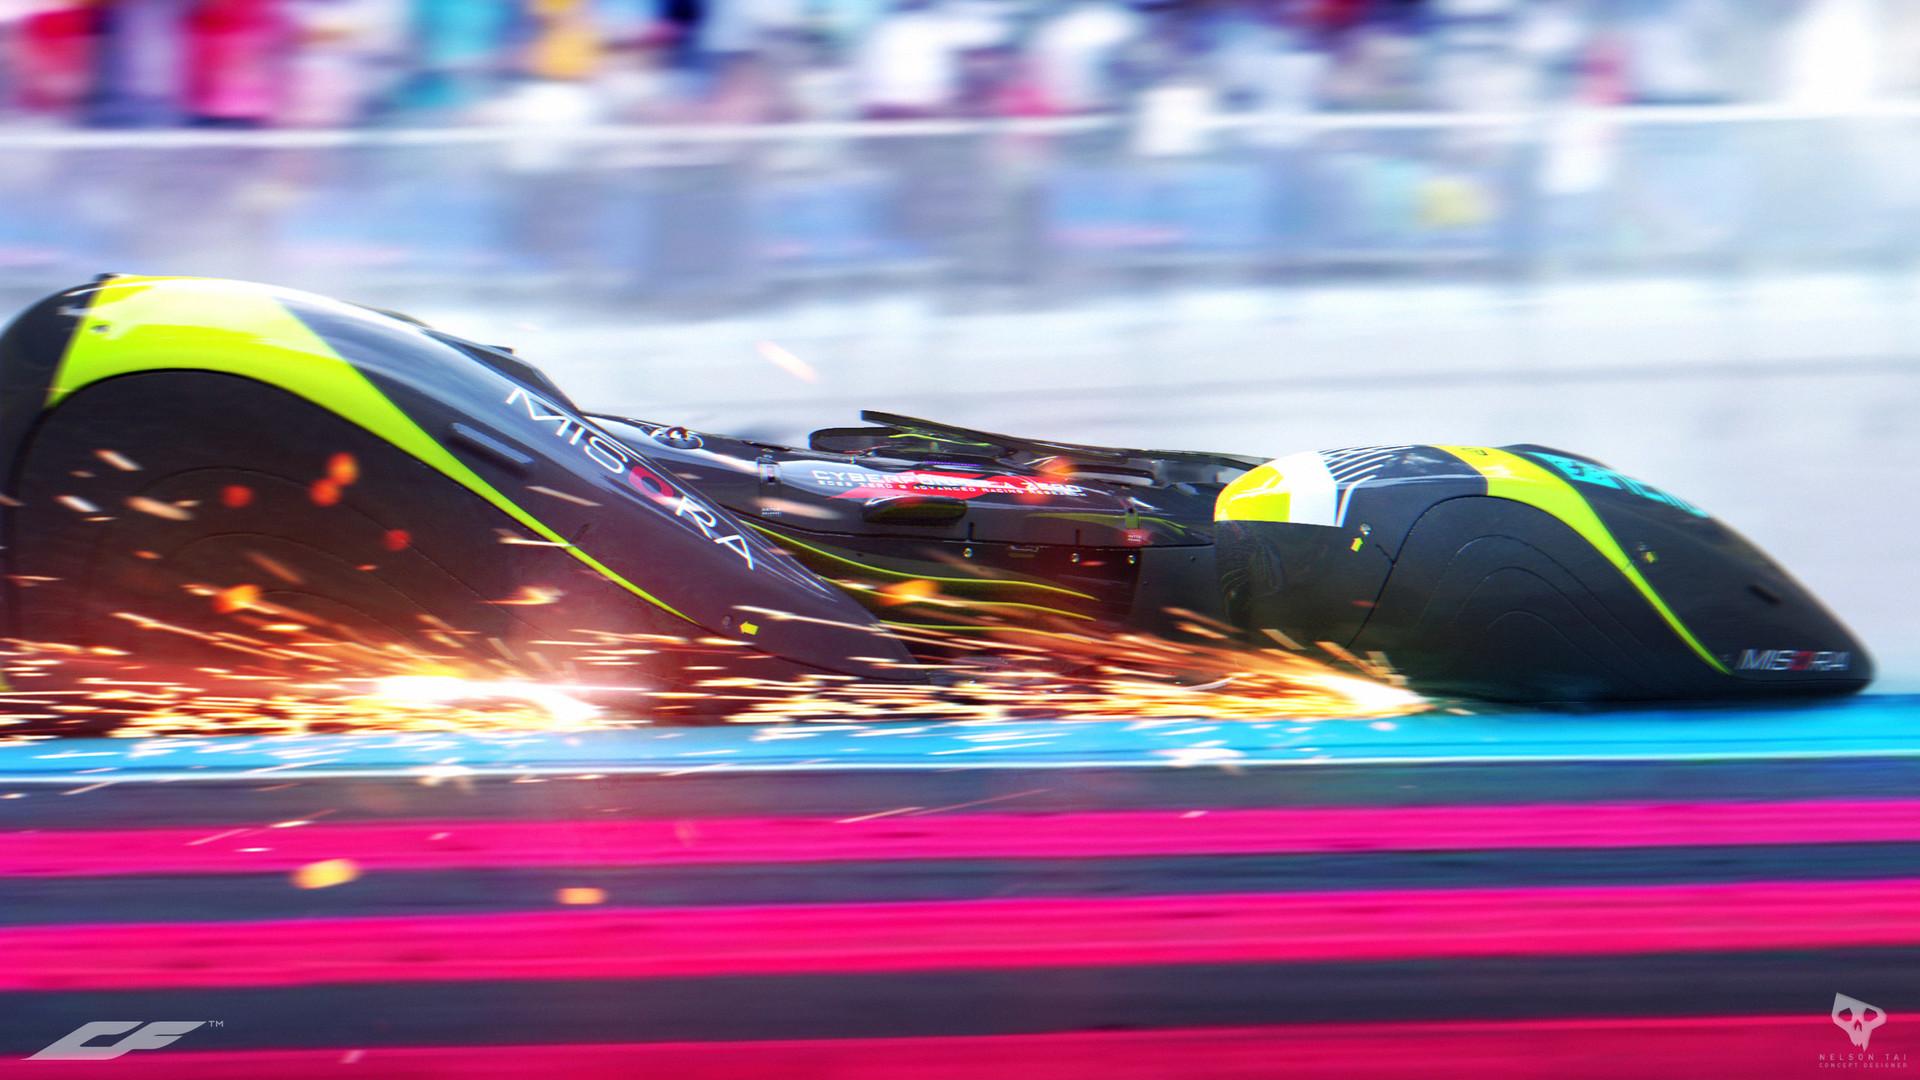 Nelson tai od01 dsgn racea 001